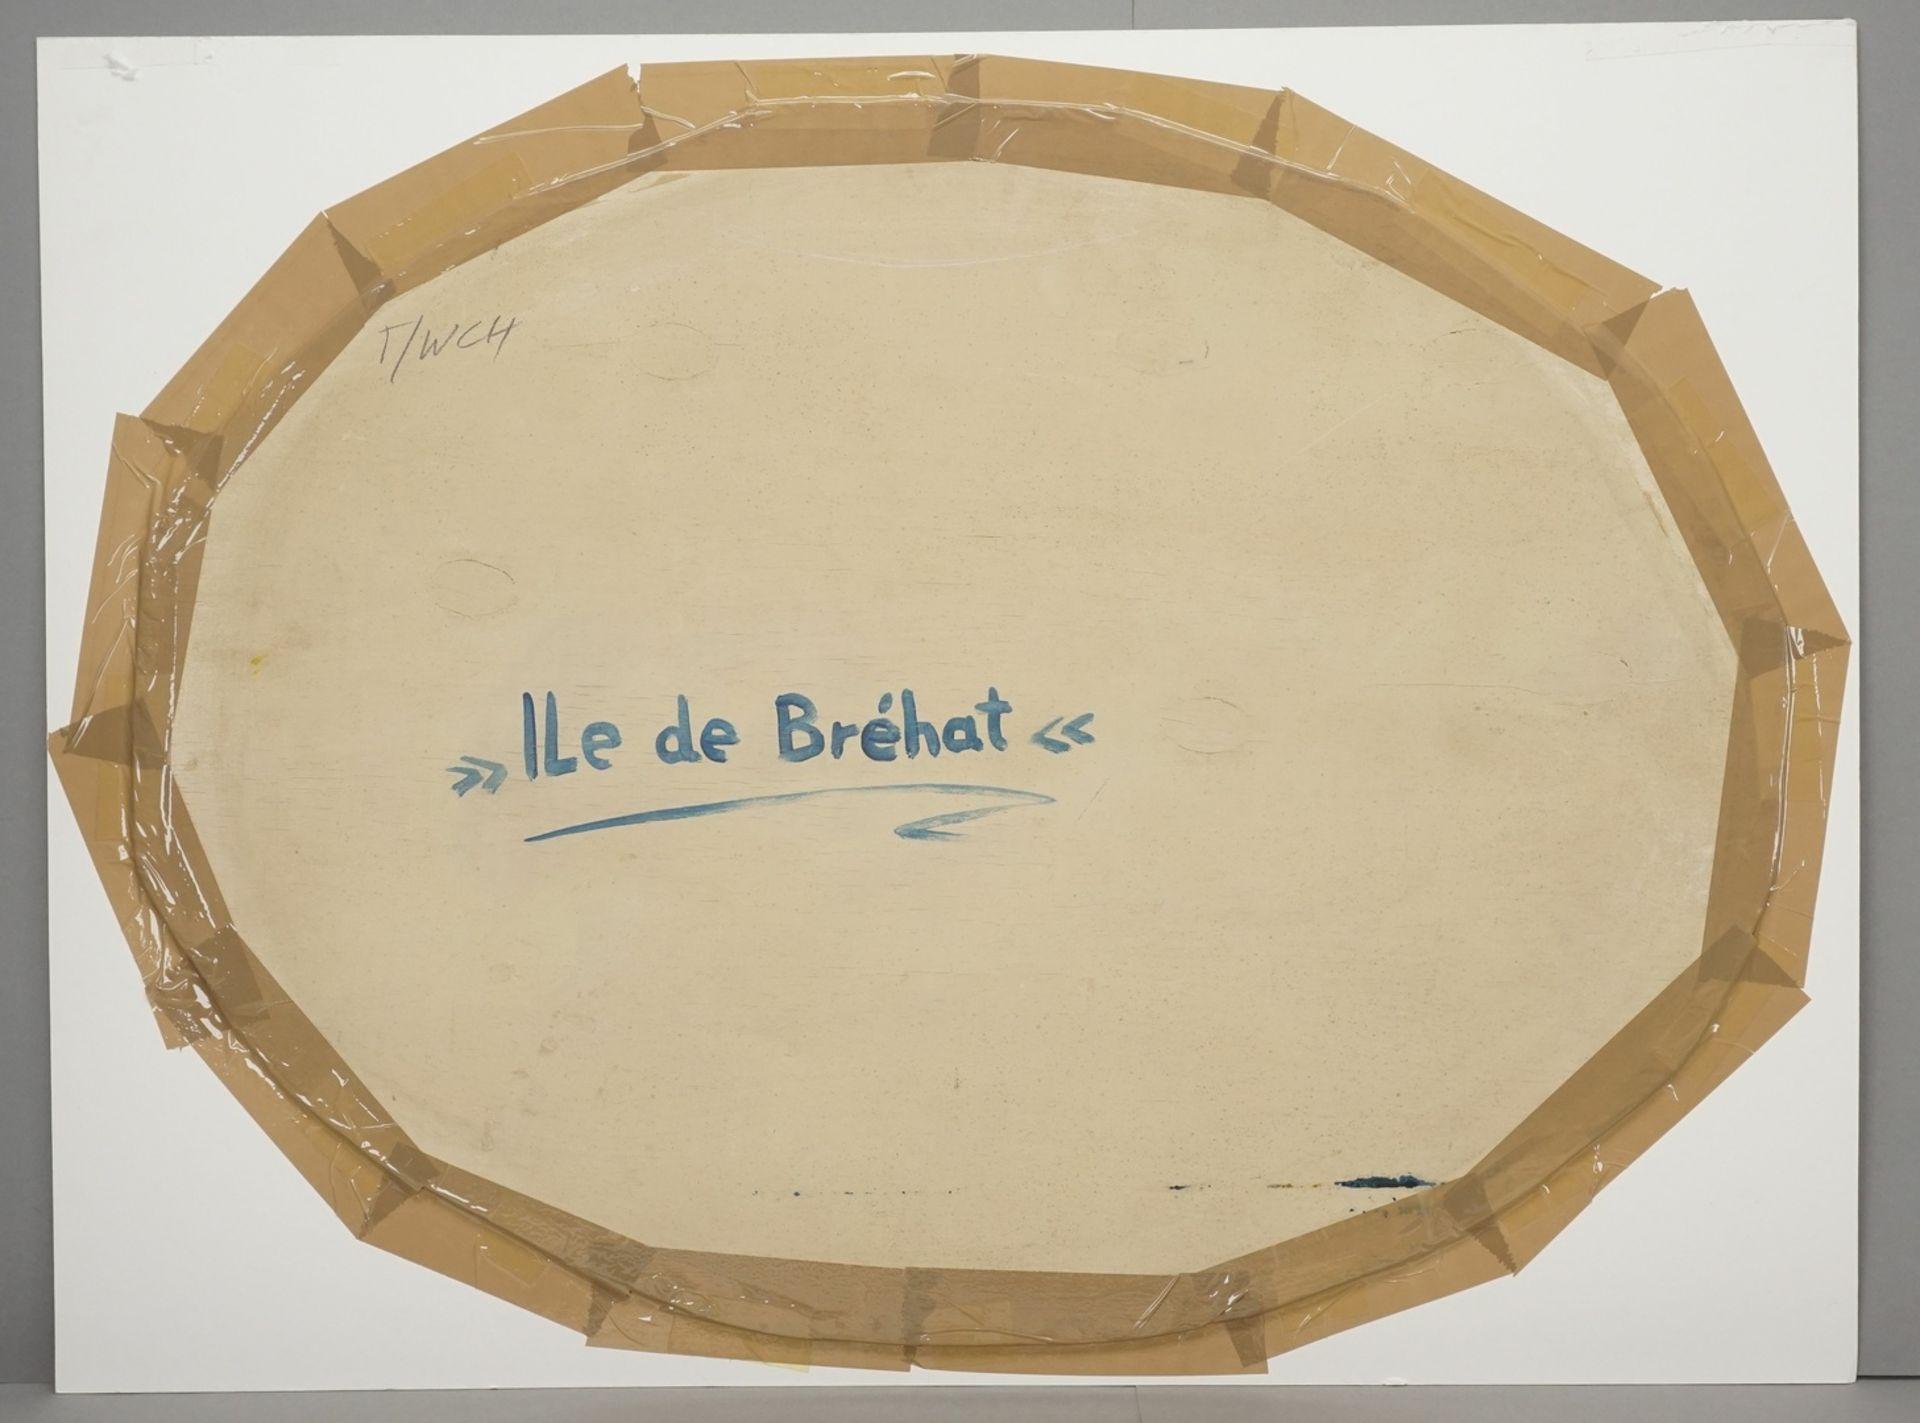 """Maxime Maufra, """"Île de Bréhat (variierte Kopie nach Maufra)"""" - Bild 3 aus 3"""